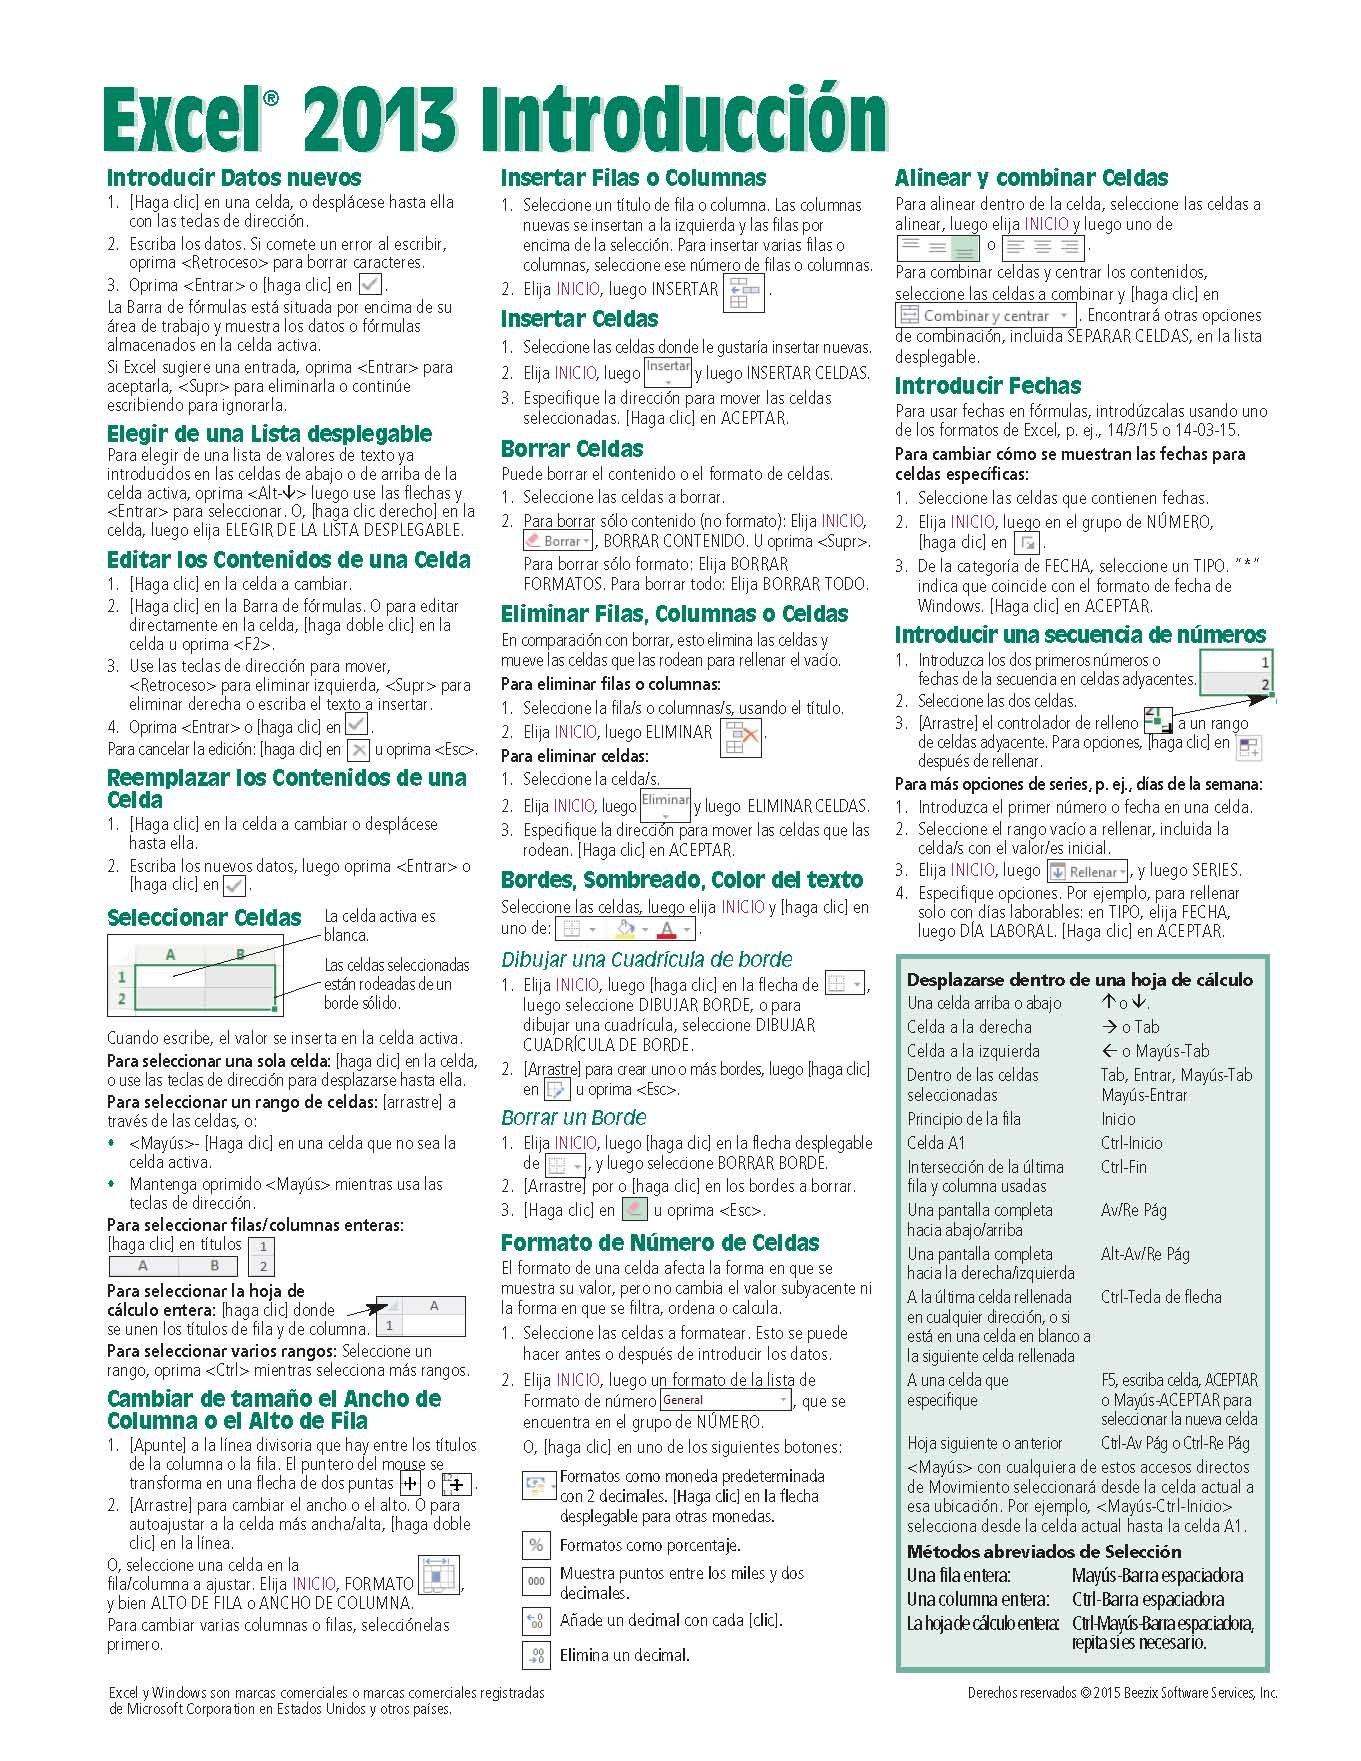 Microsoft Excel 2013 Introducción Guía de referencia rápida (Hoja de ...